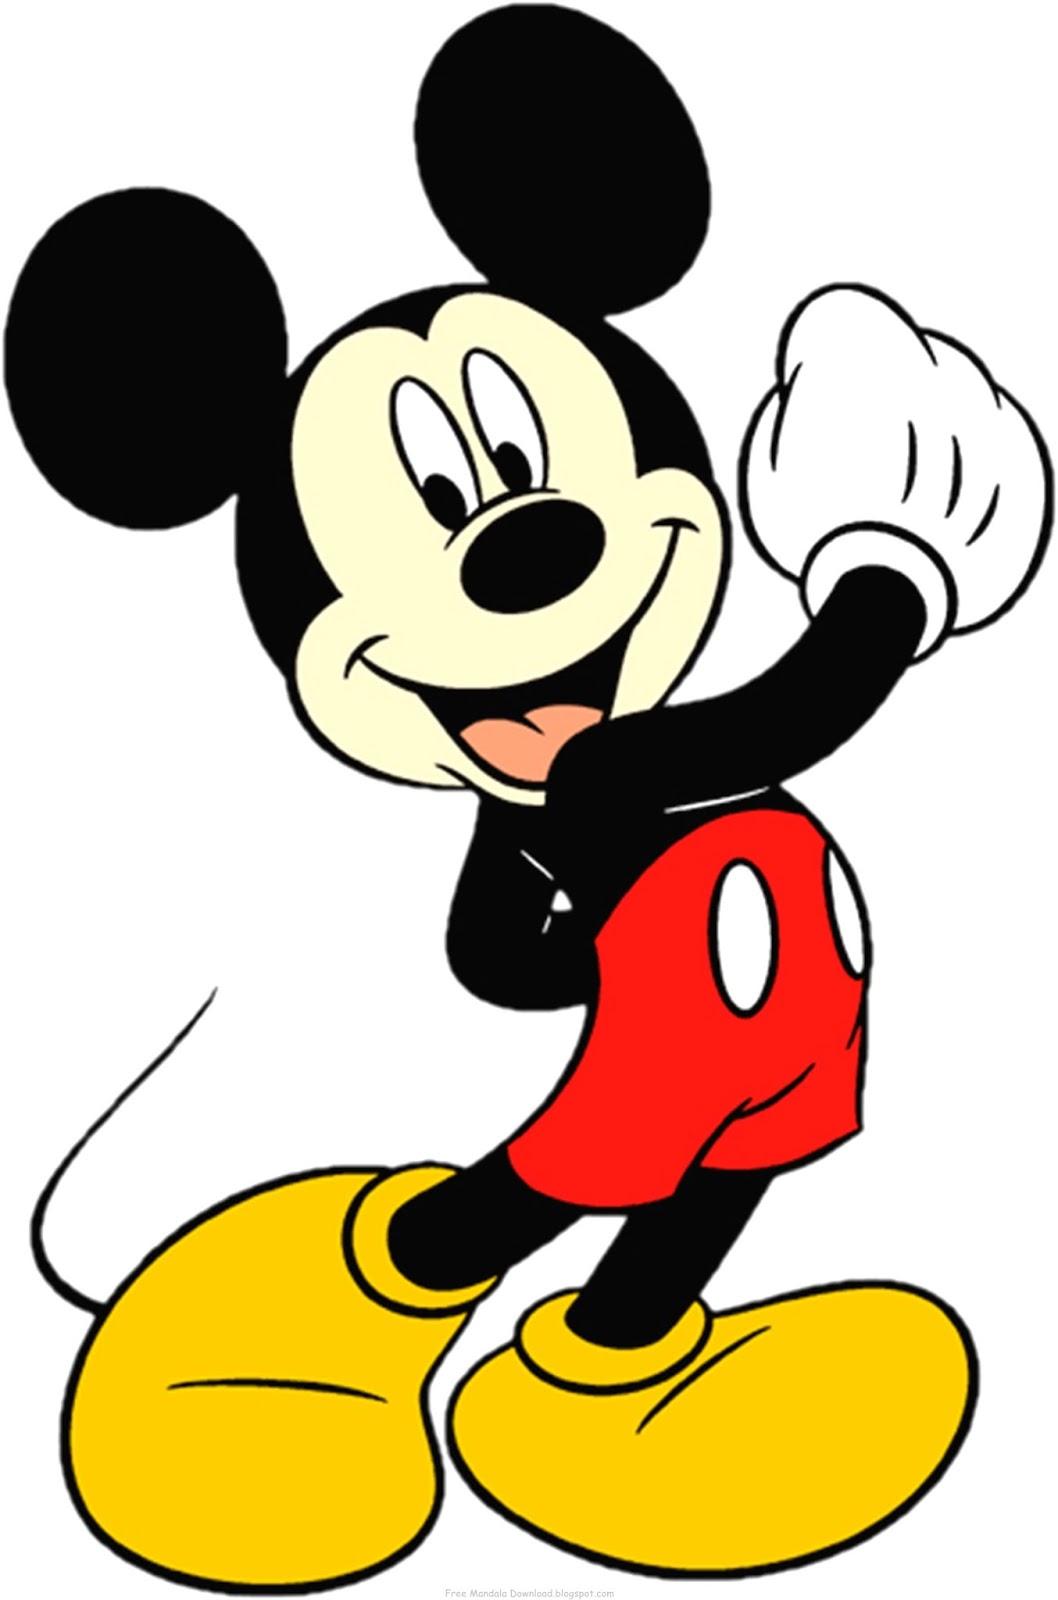 Ziemlich Mickey Maus Malvorlagen Kostenlos Bilder - Malvorlagen Von ...